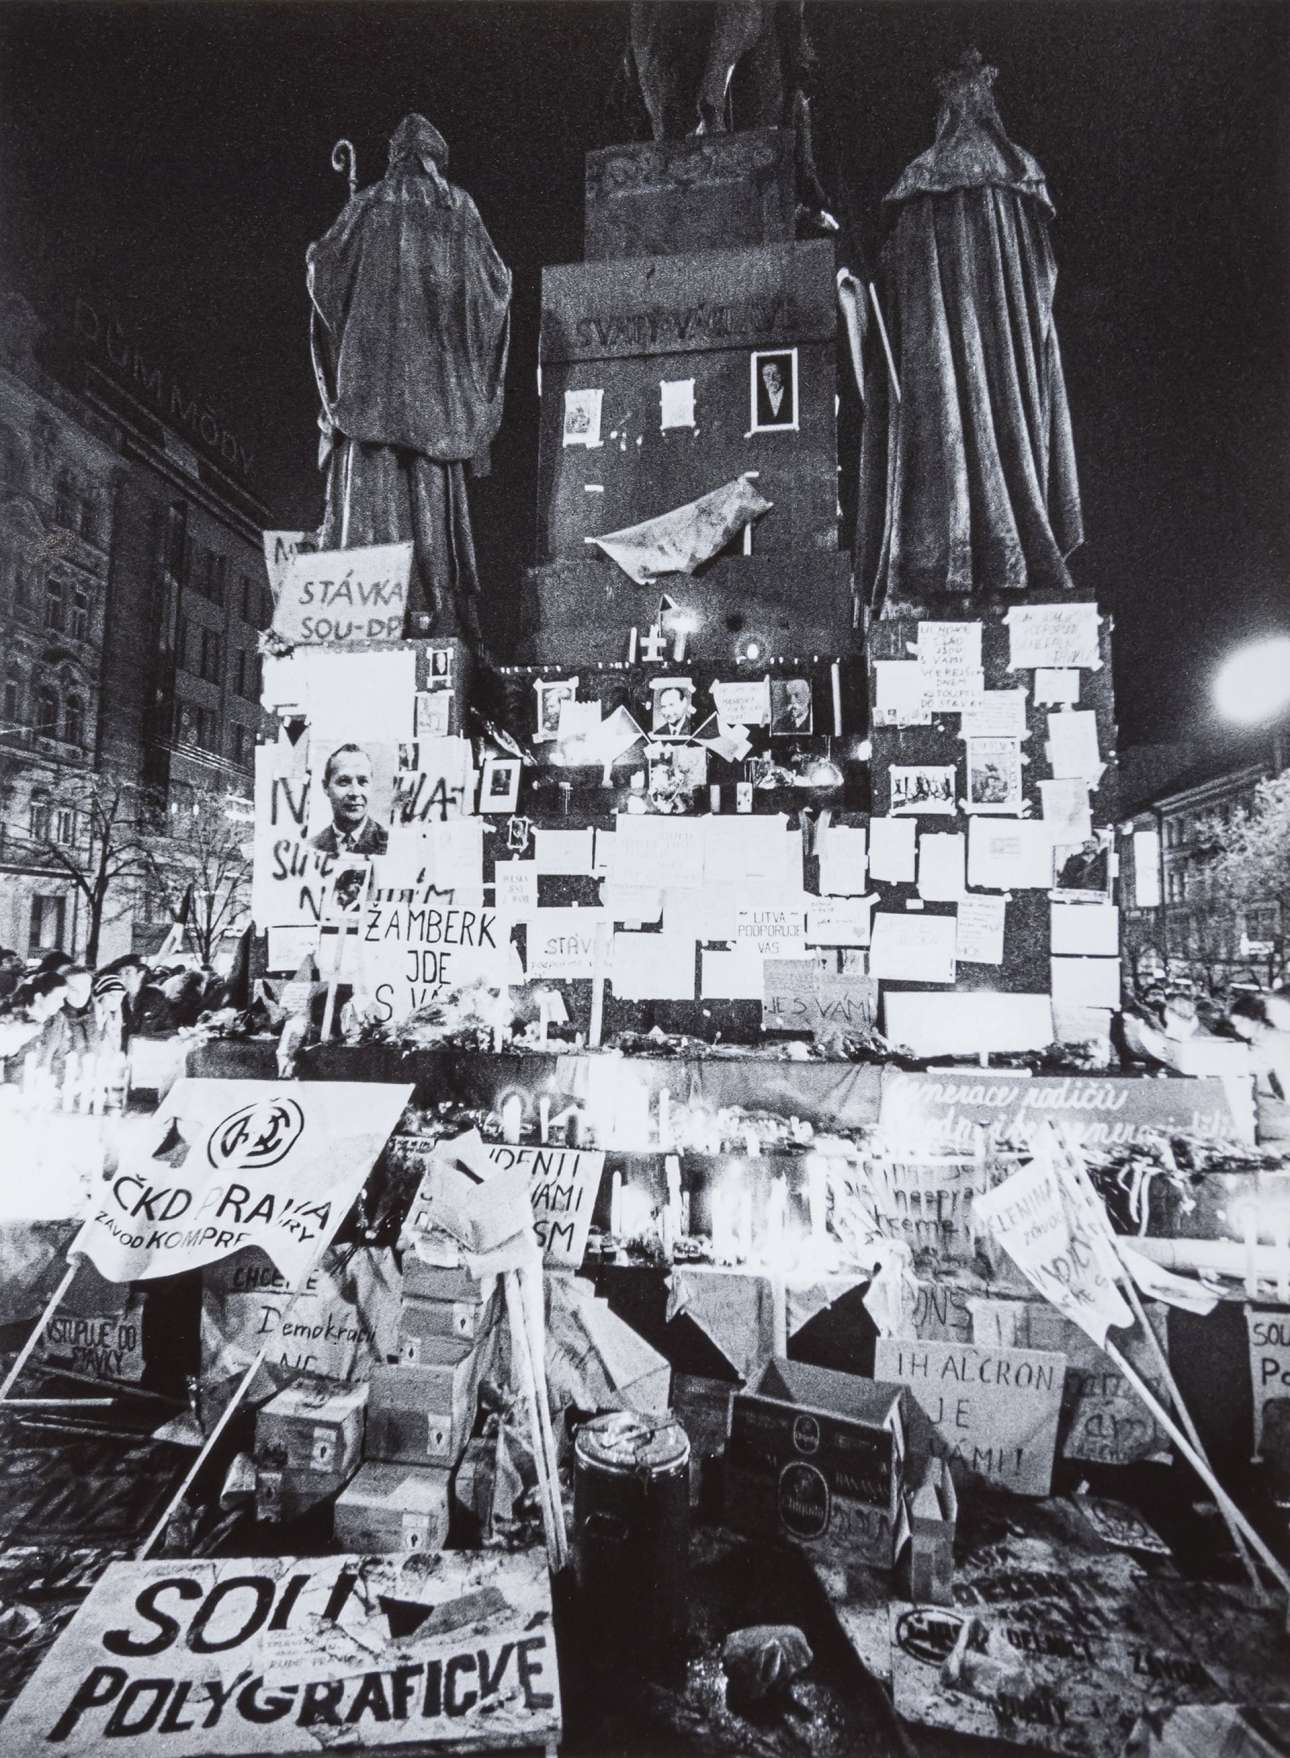 Στις 25 Νοεμβρίου, την επομένη της μεγάλης διαδήλωσης, τα αγάλματα της πλατείας Βέντσεσλας είχαν απομείνει στολισμένα με πανό, ανακοινώσεις και φωτογραφίες